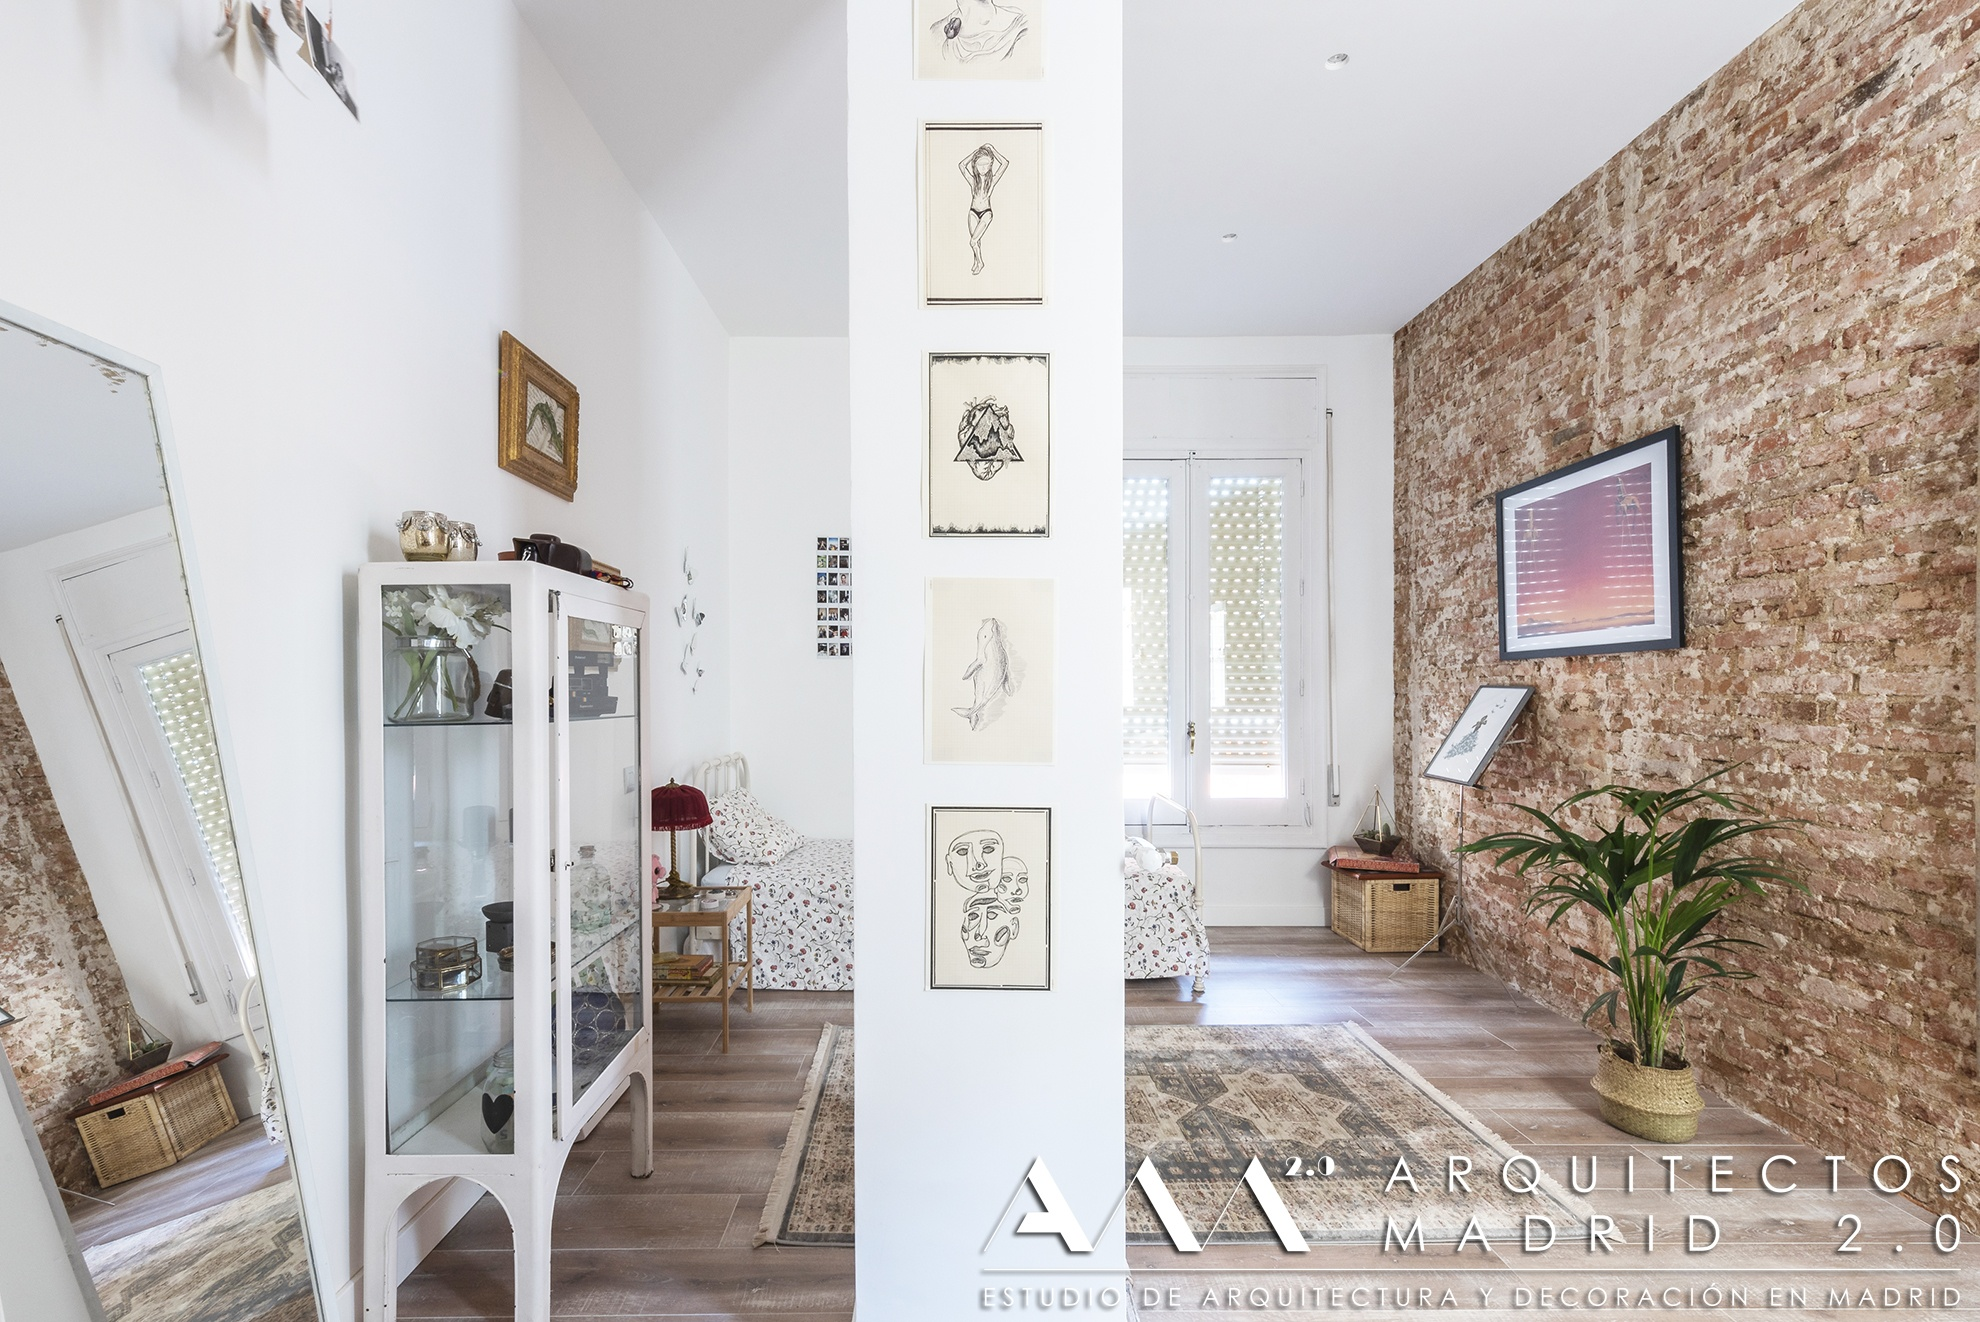 reforma-proyecto-vivienda-chamberi-arquitectos-madrid-decoracion-dormitorio-juvenil-06